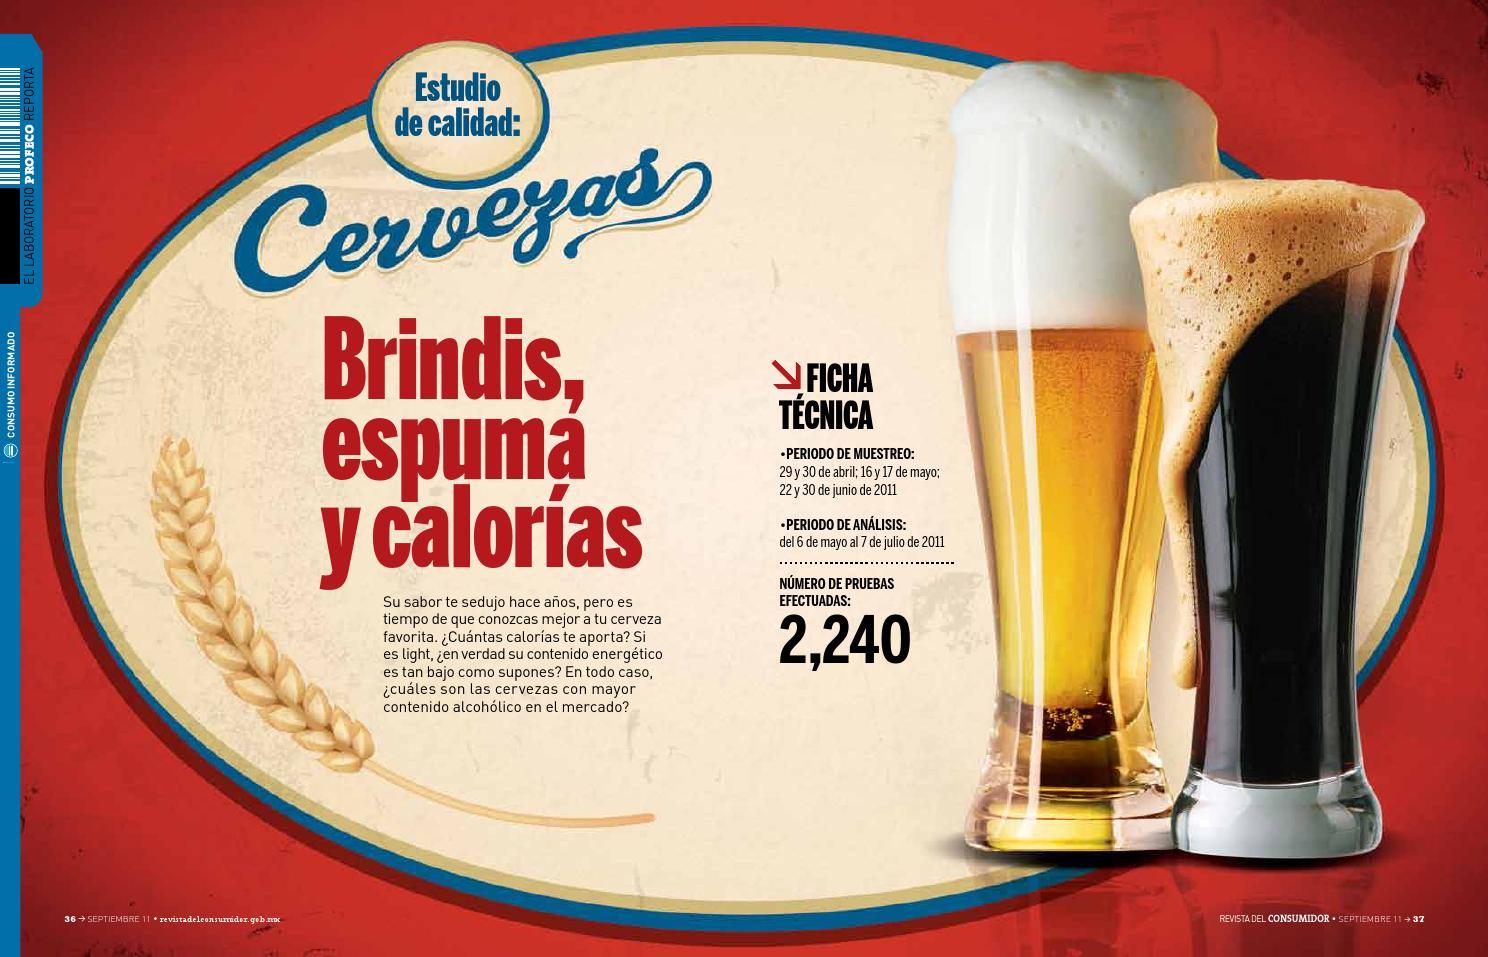 cuantas calorías tiene una cerveza corona light de 355 ml